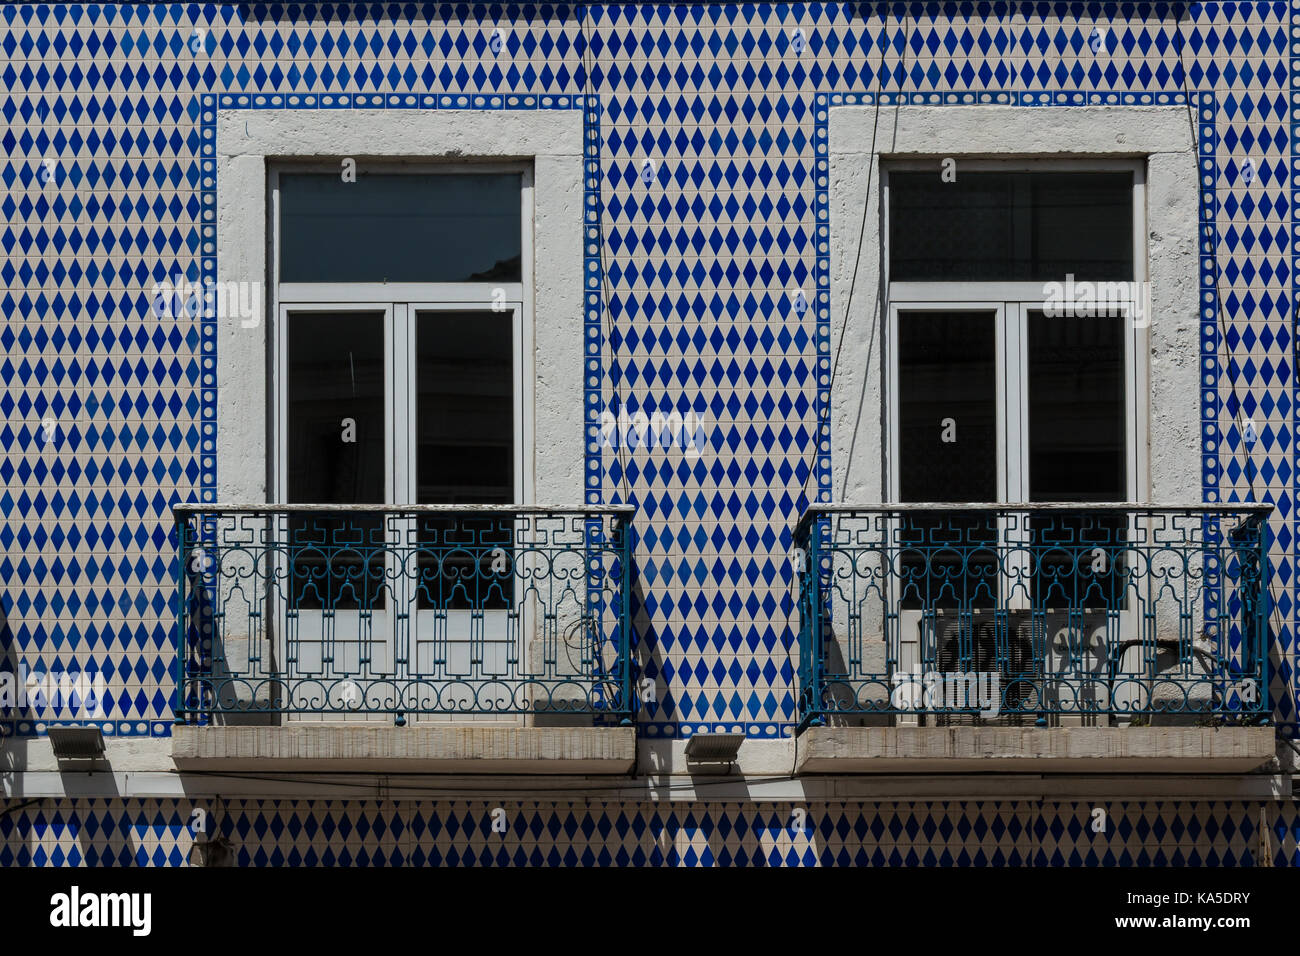 Zwei geschlossene Fenster und Balkone. Fassade des Hauses mit ...